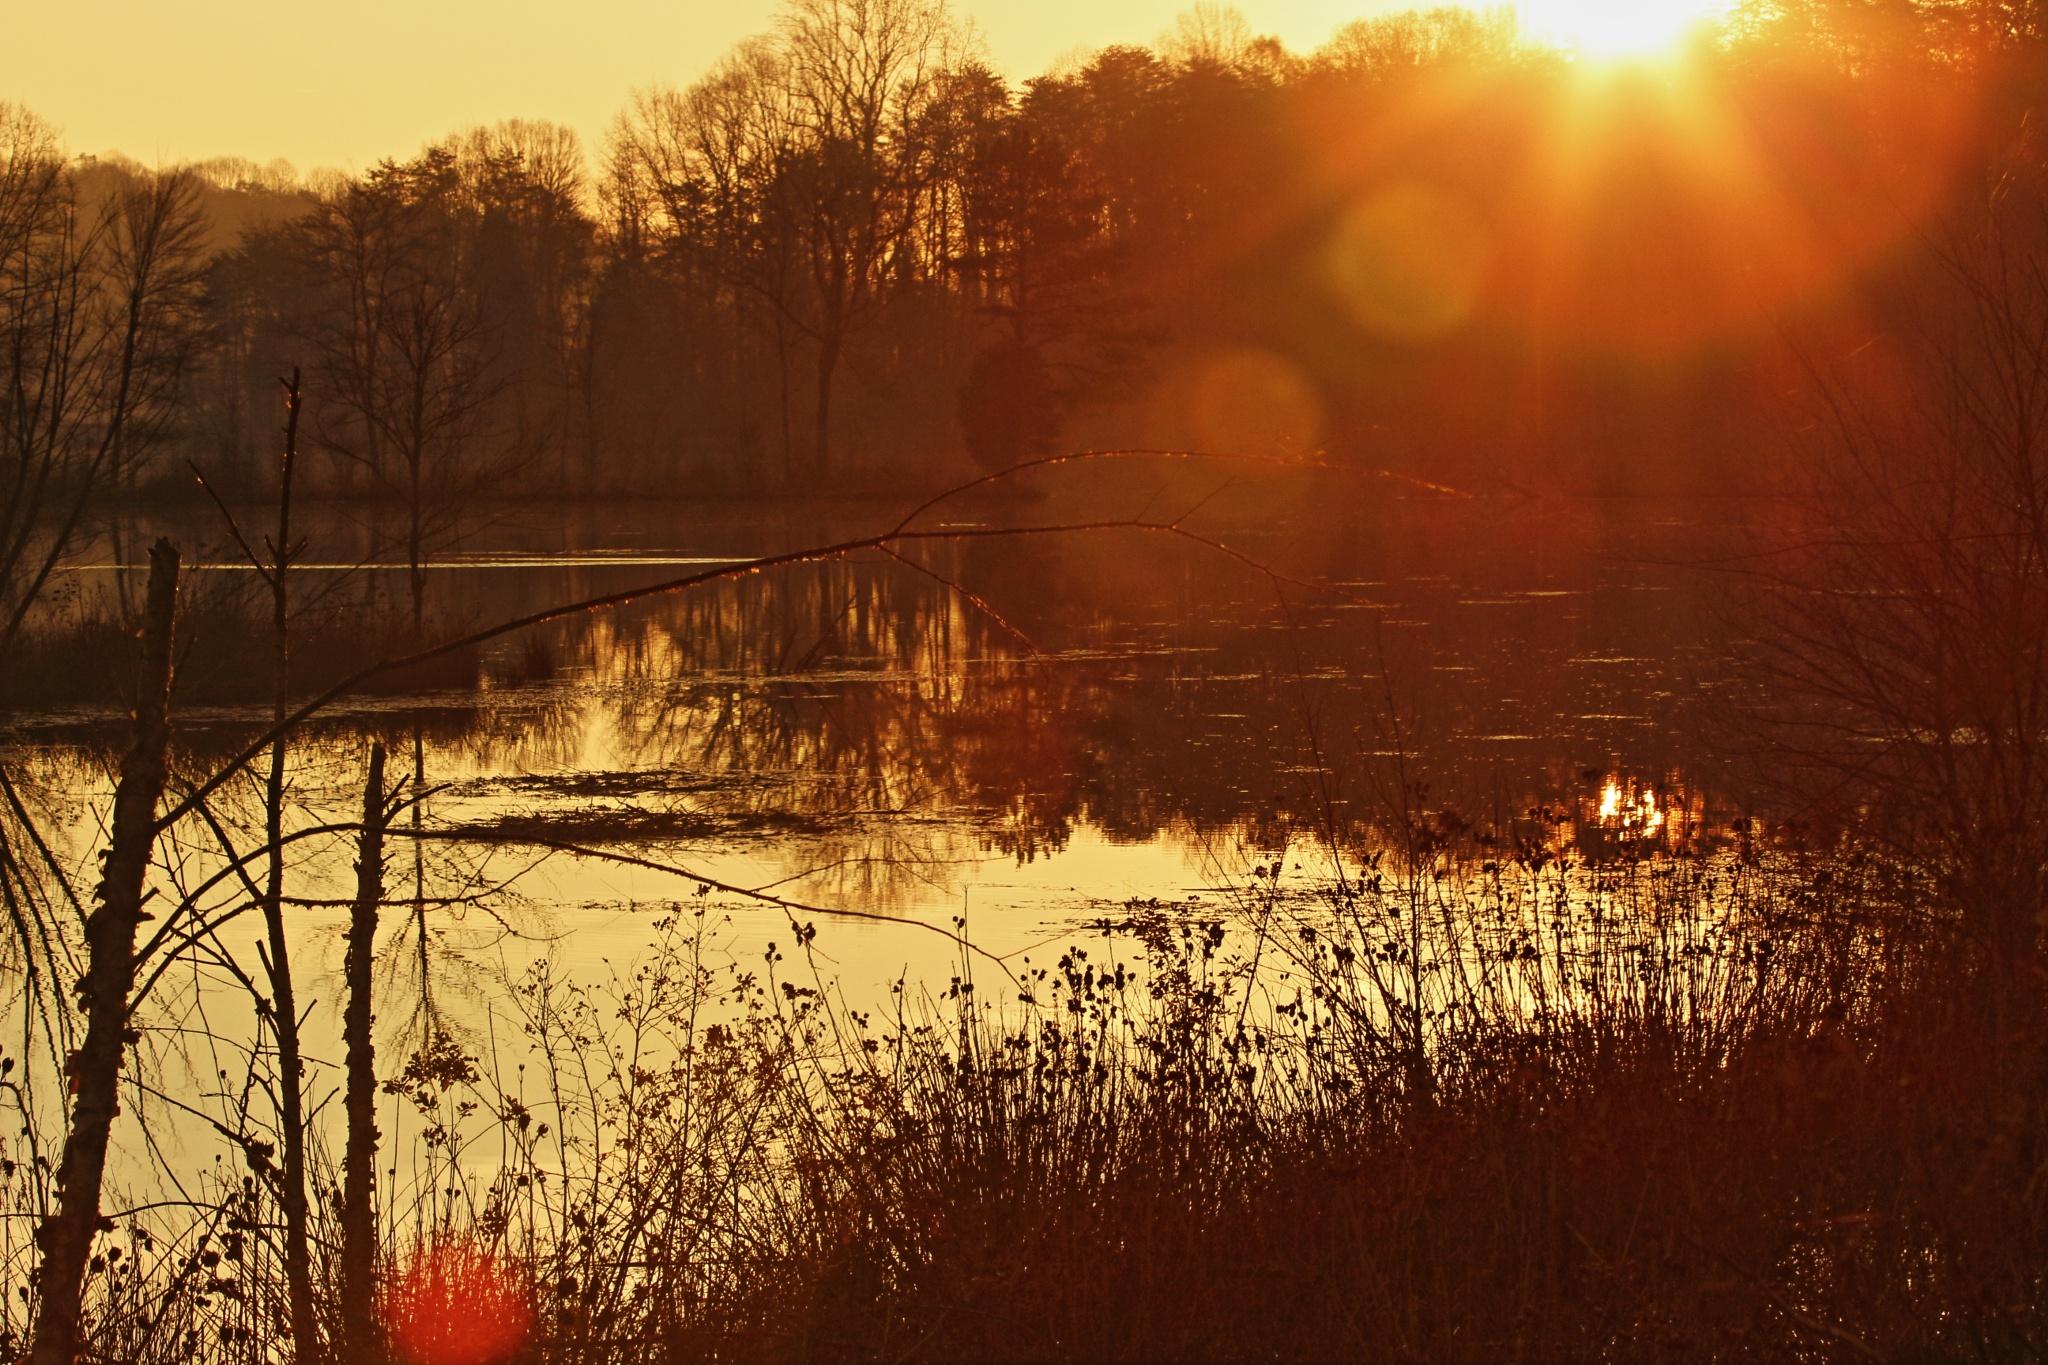 Morning Sunrise by Ronald Woodward